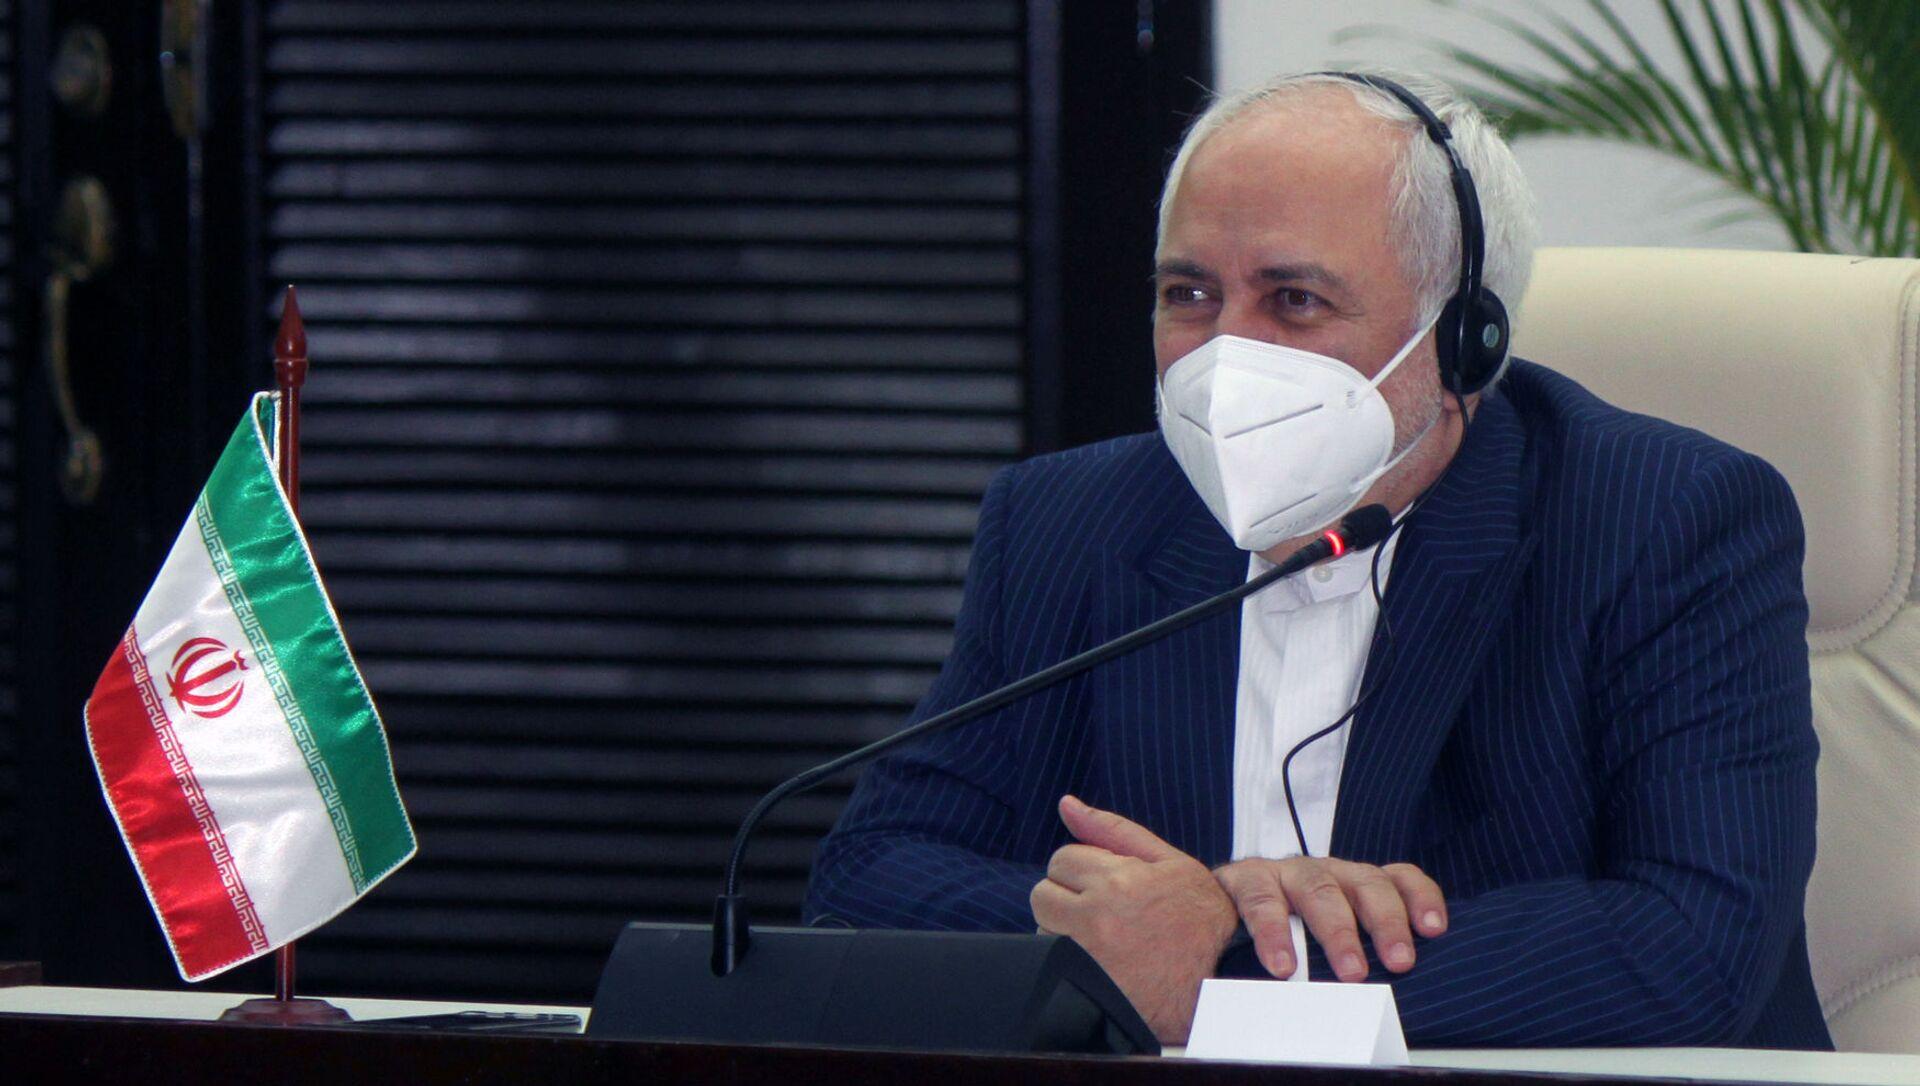 محمد یواد ظریف ، وزیر امور خارجه ایران - اسپوتنیک ایتالیا ، 1920 ، 17.05.2021